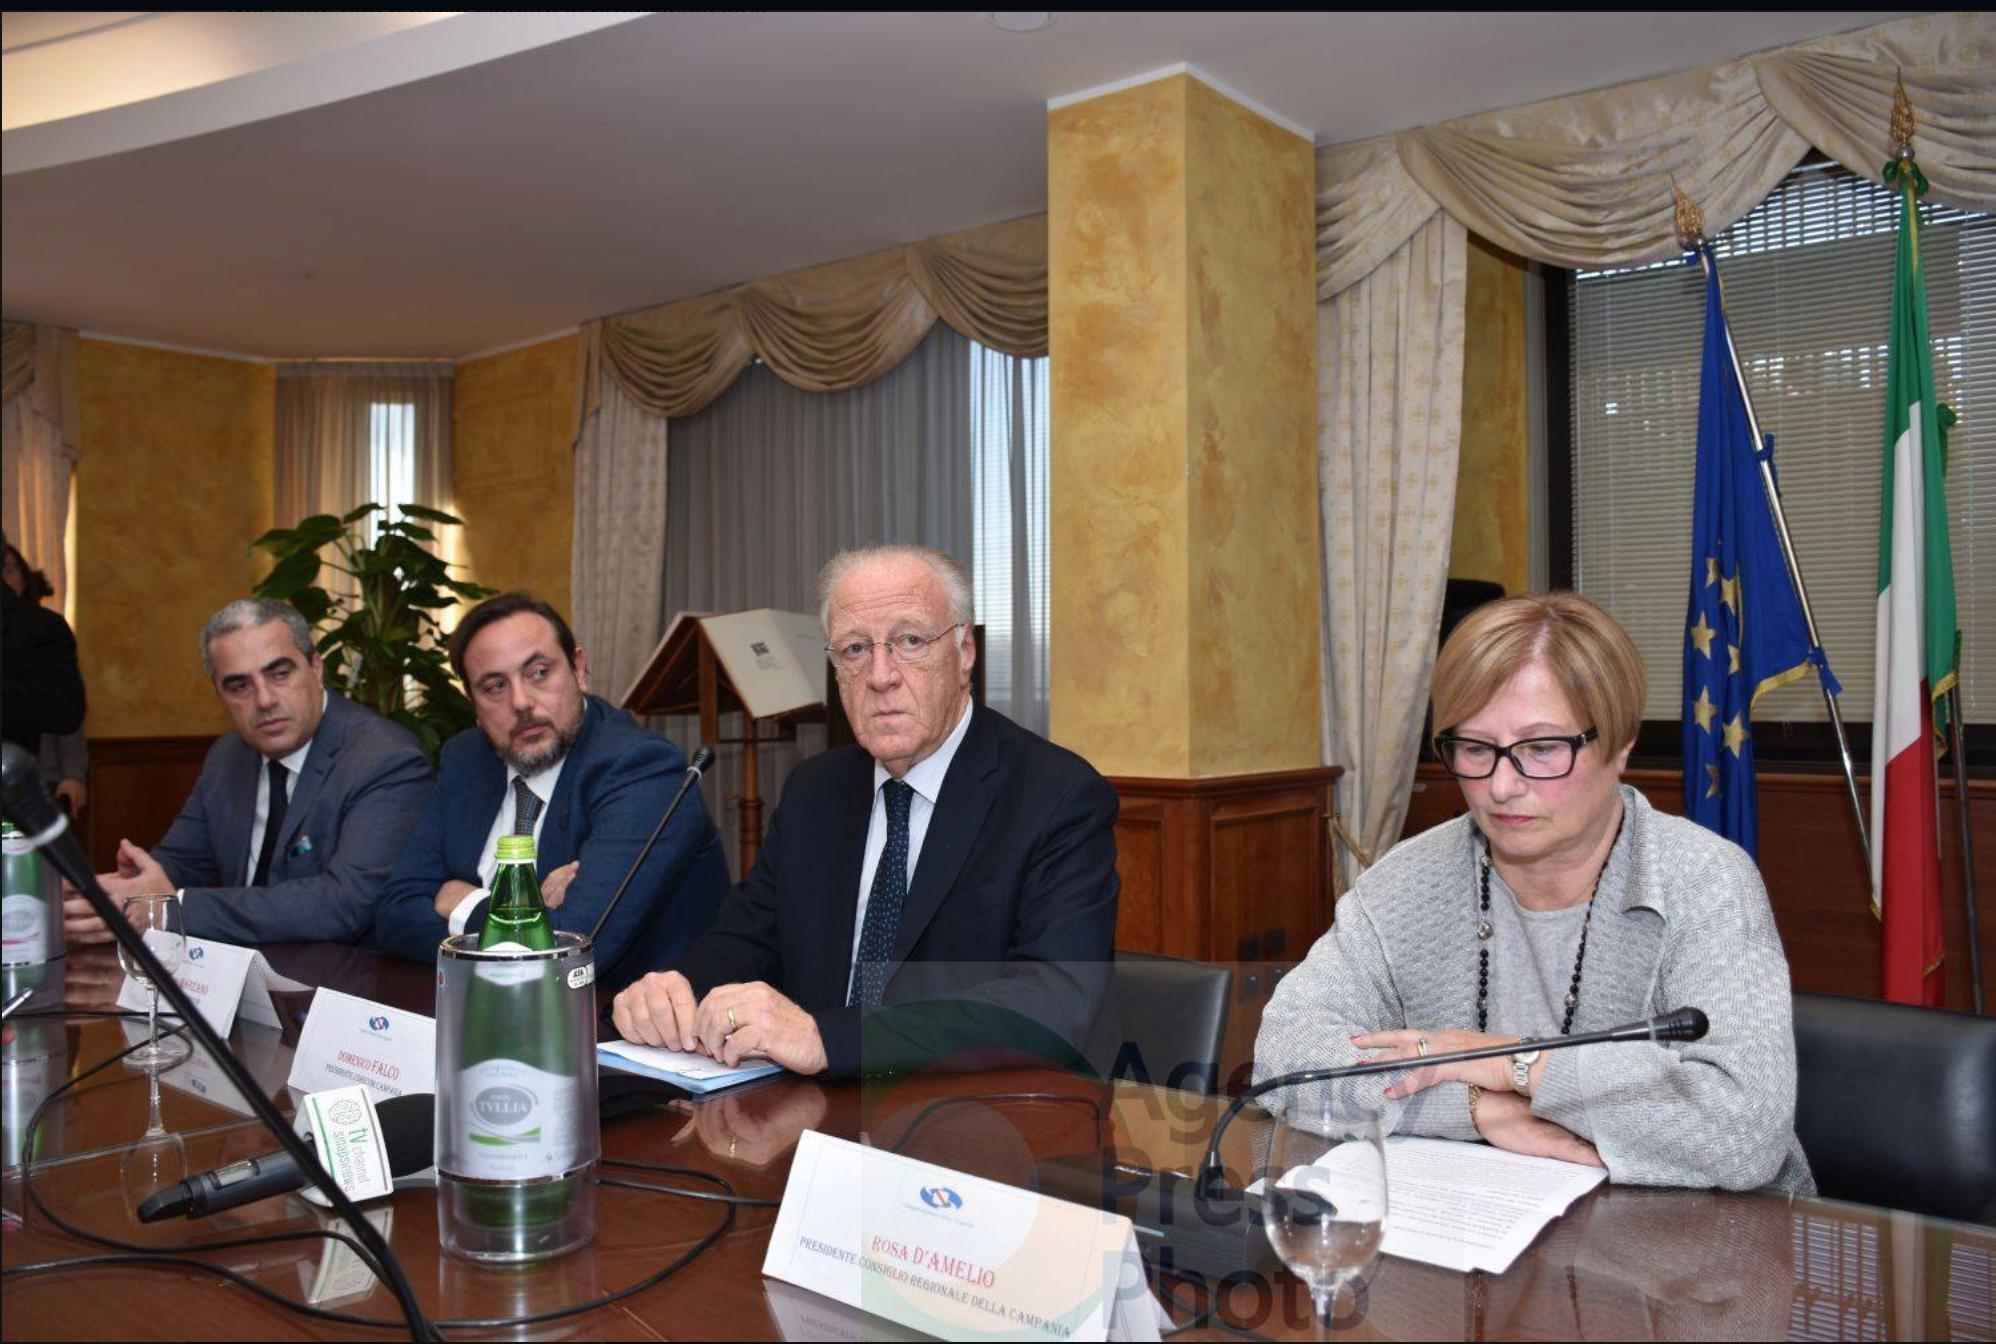 Tavolo di presentazione seconde deleghe Corecom Campania